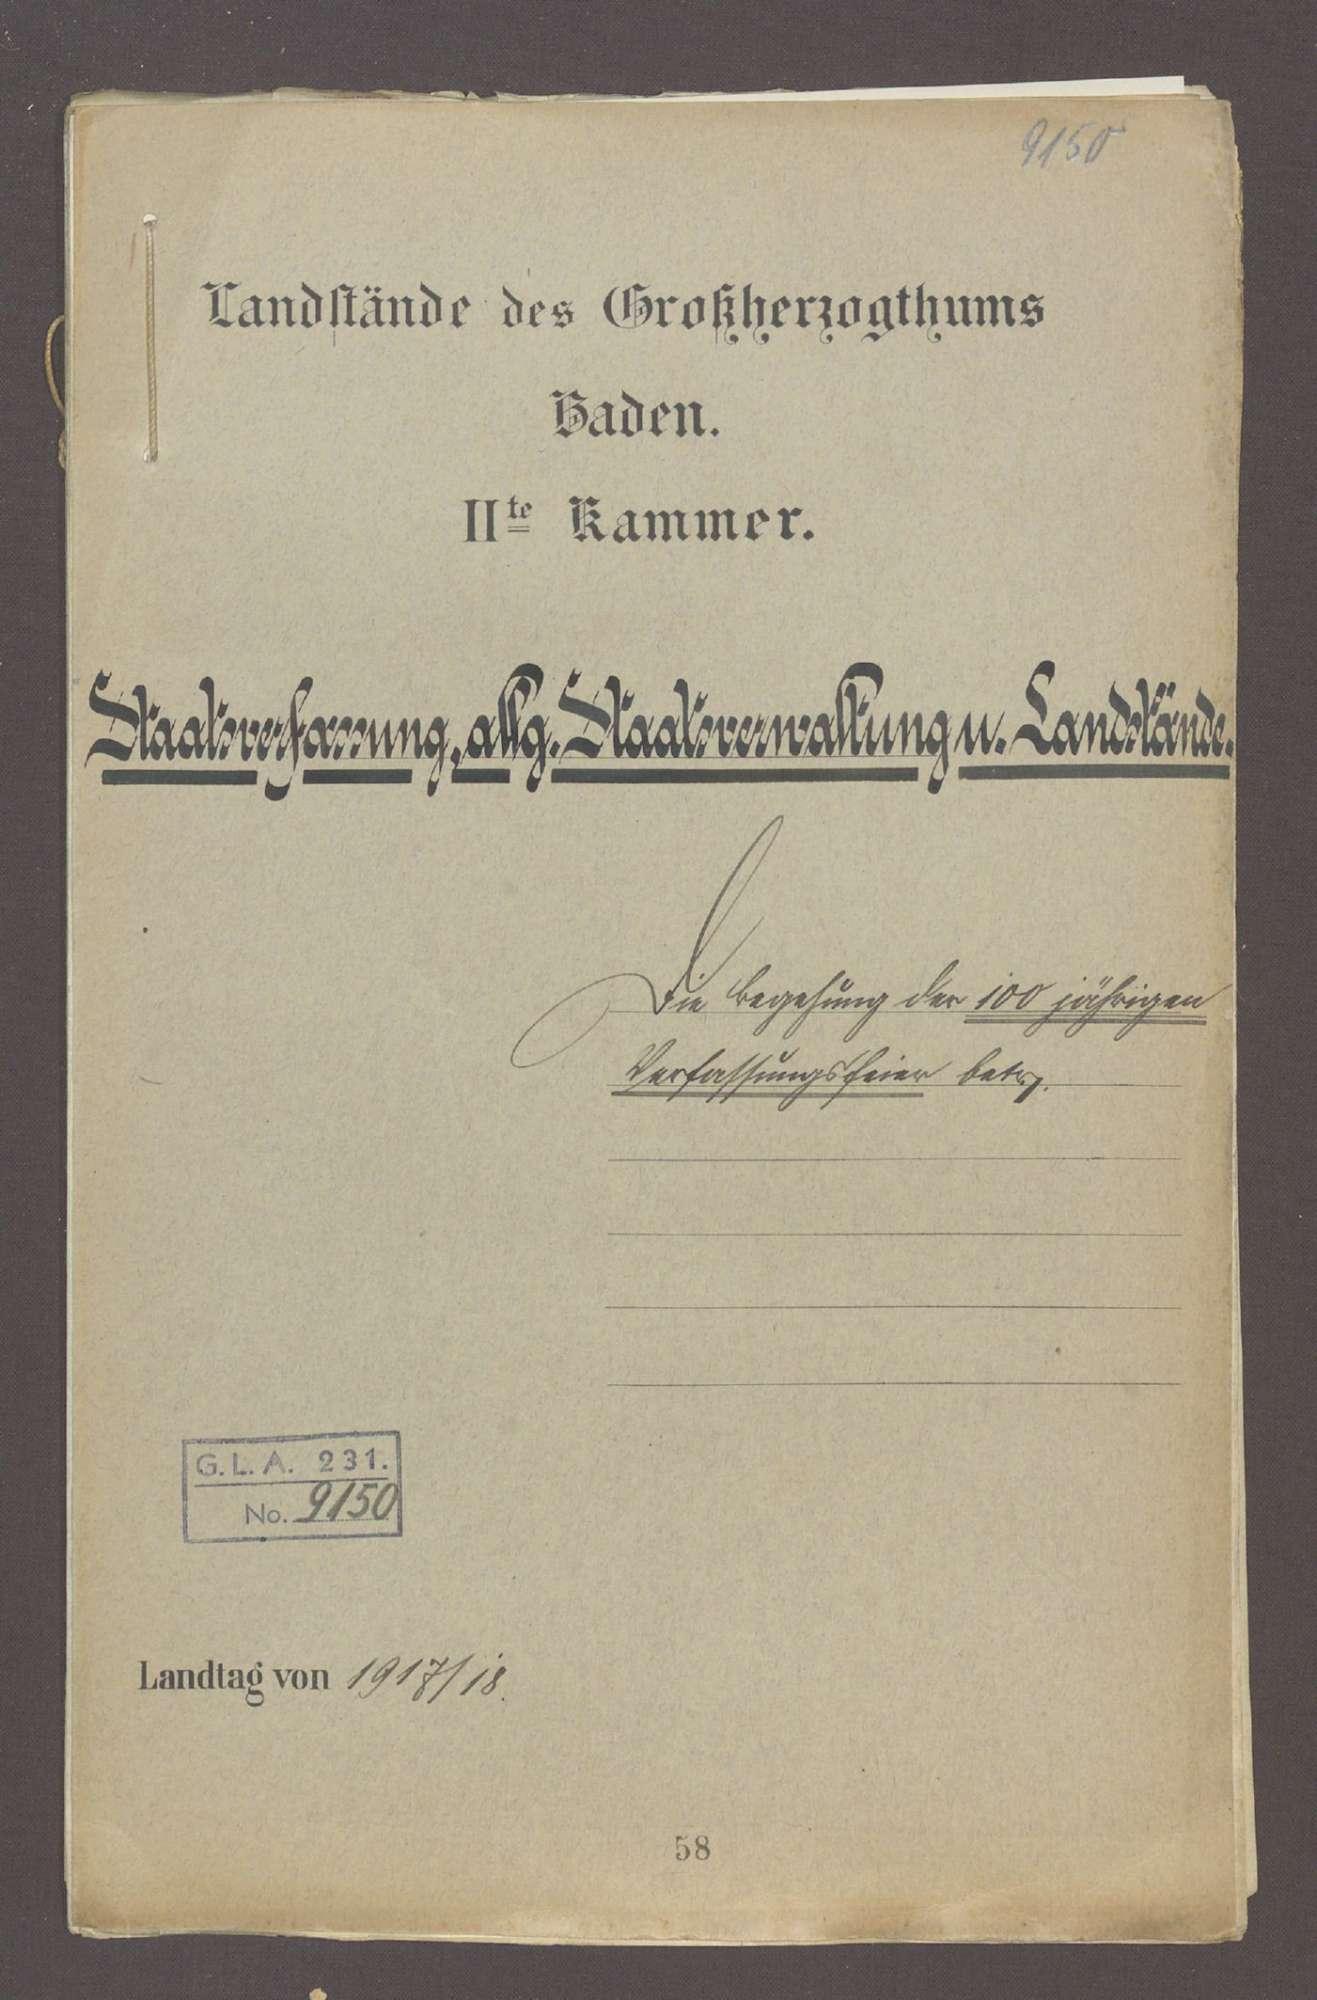 Die Begehung der 100jährigen Verfassungsfeier btr., Bild 1